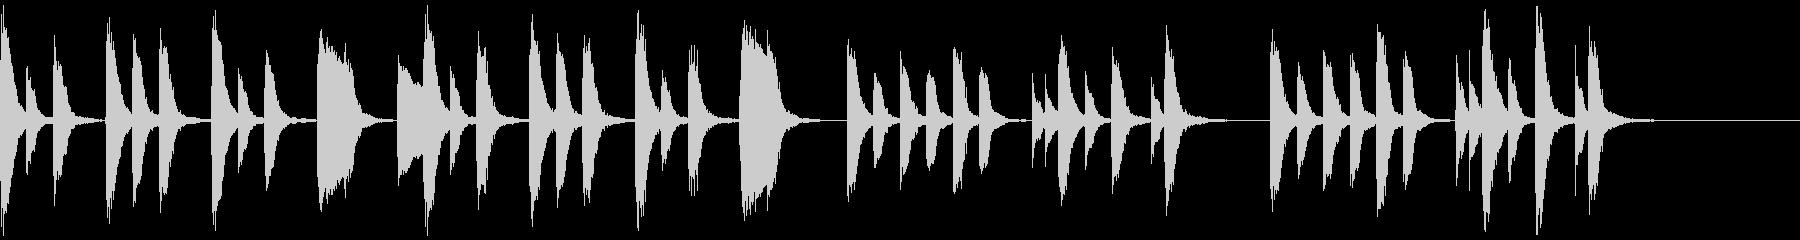 知育・料理・パズル・日常ピアノ20Aの未再生の波形